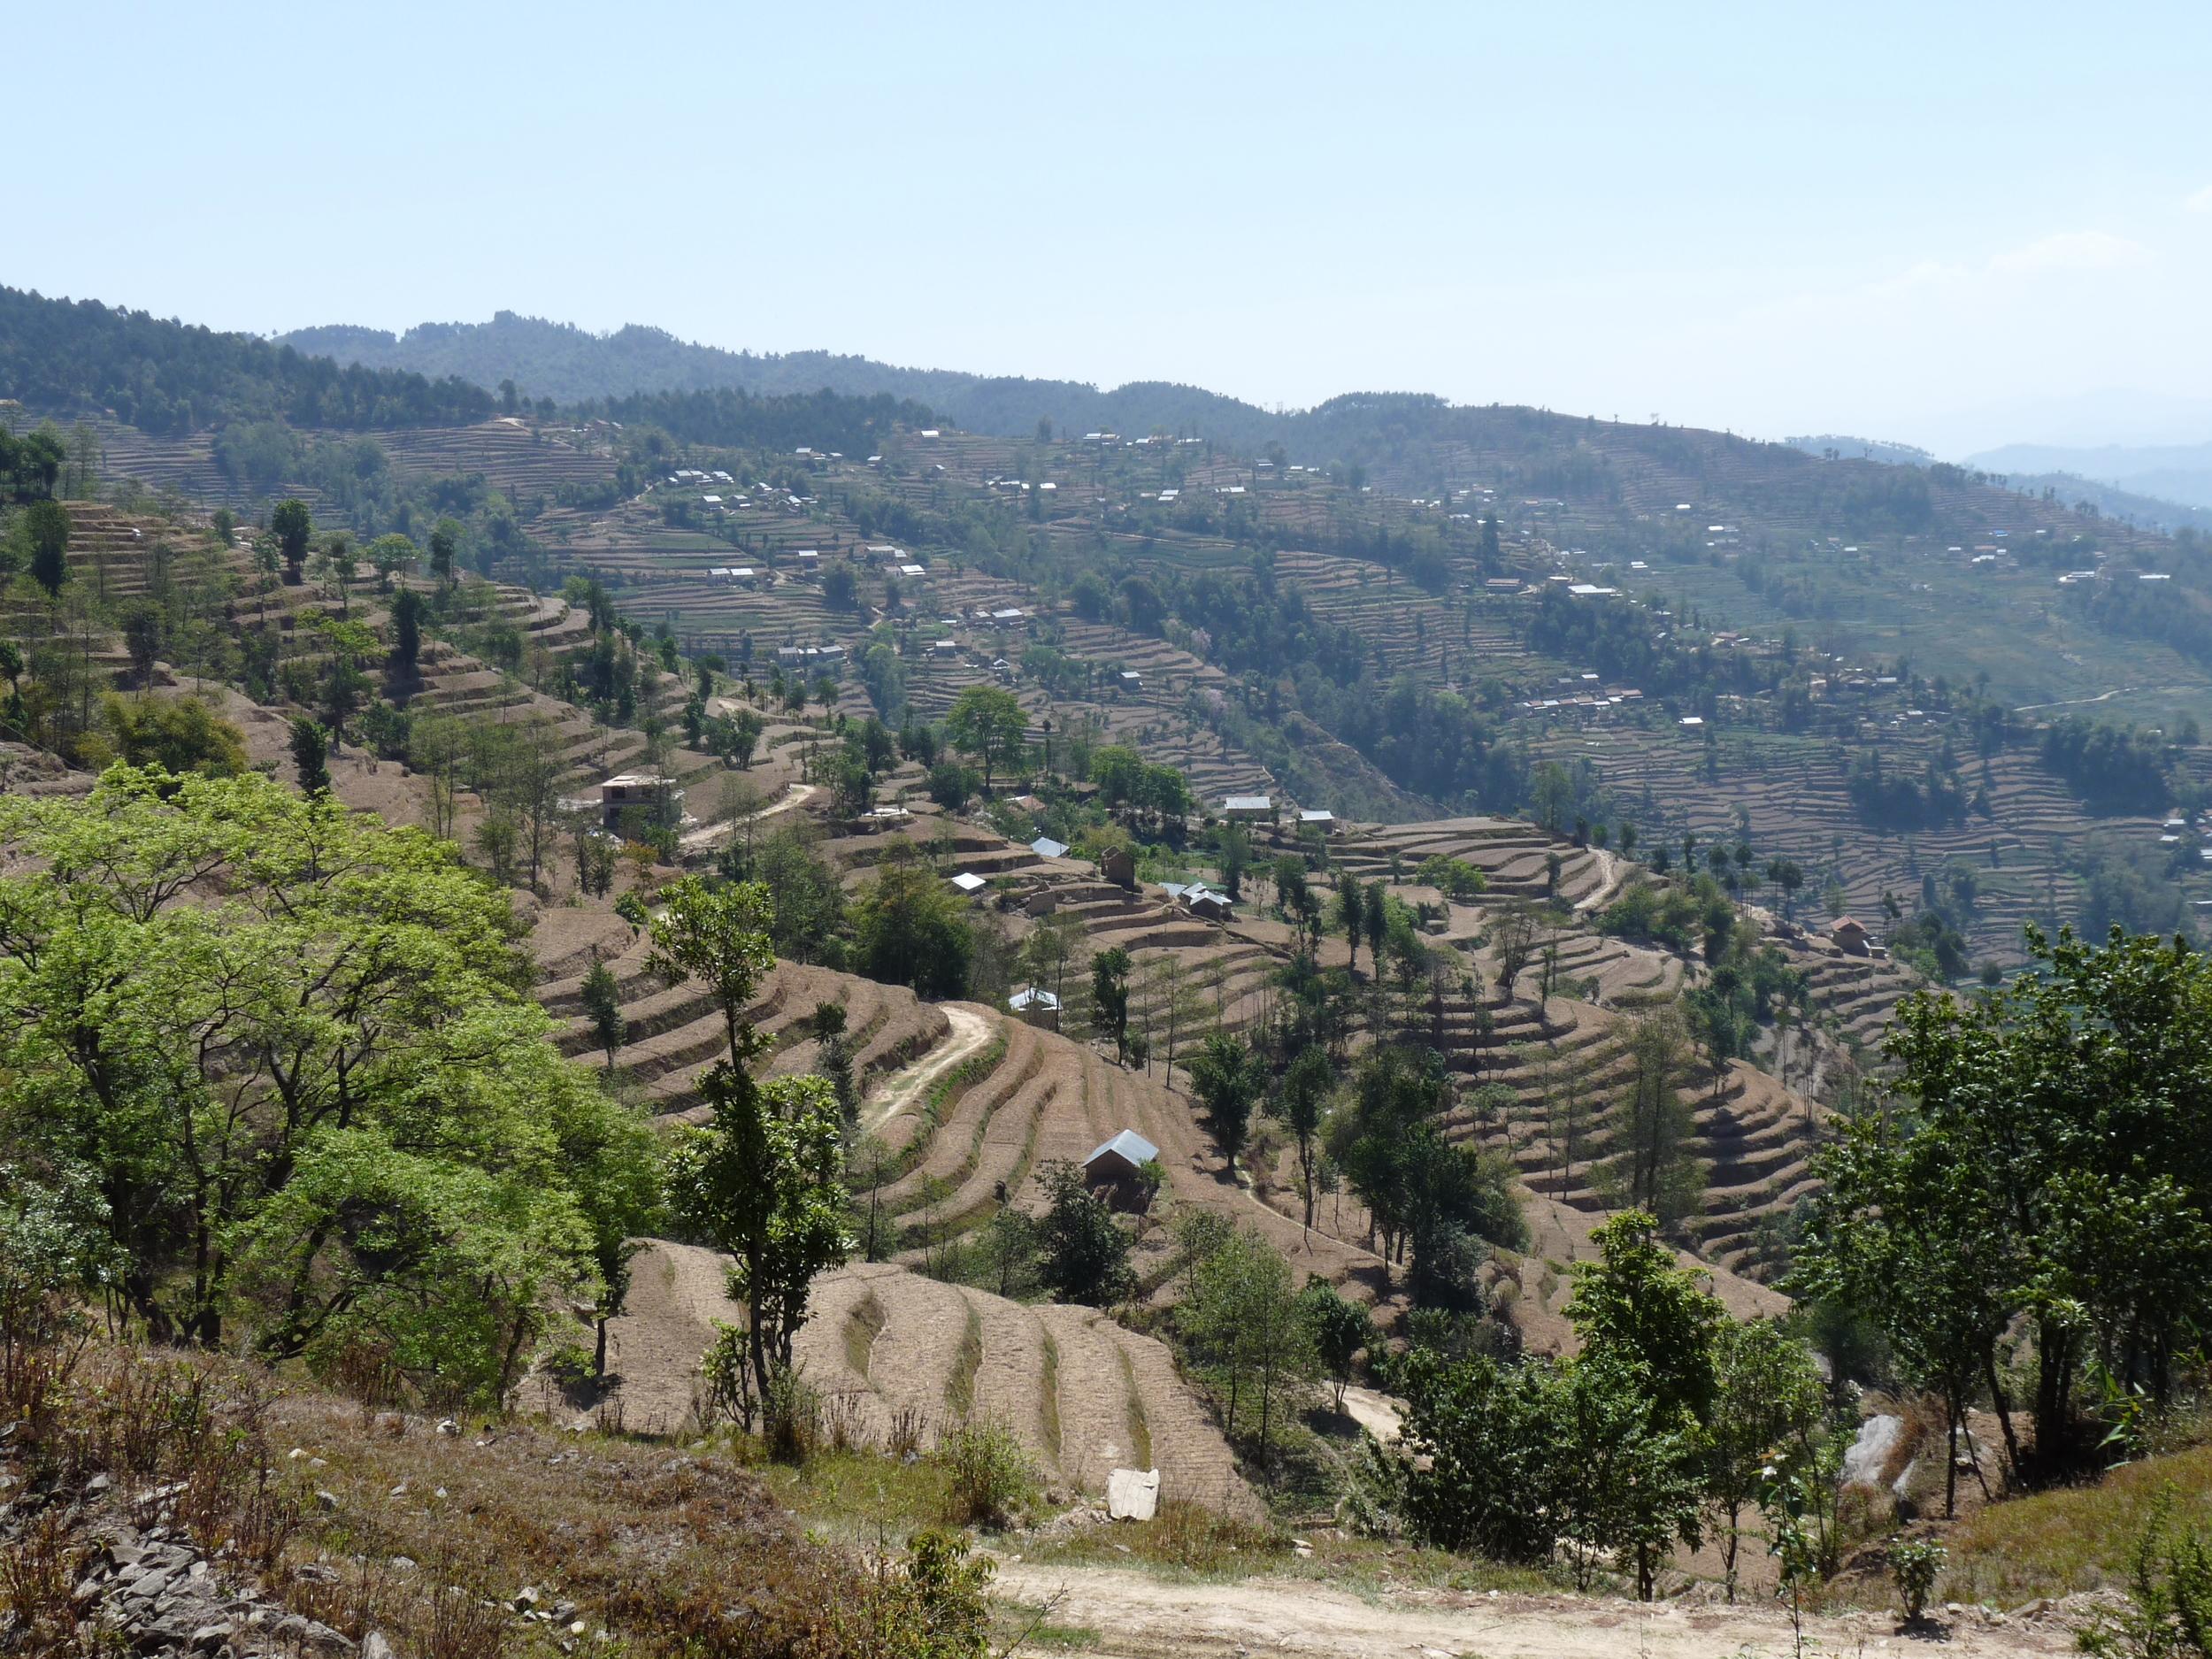 Les rizières permettent d'augmenter la surface cultivable et de mieux conserver l'eau